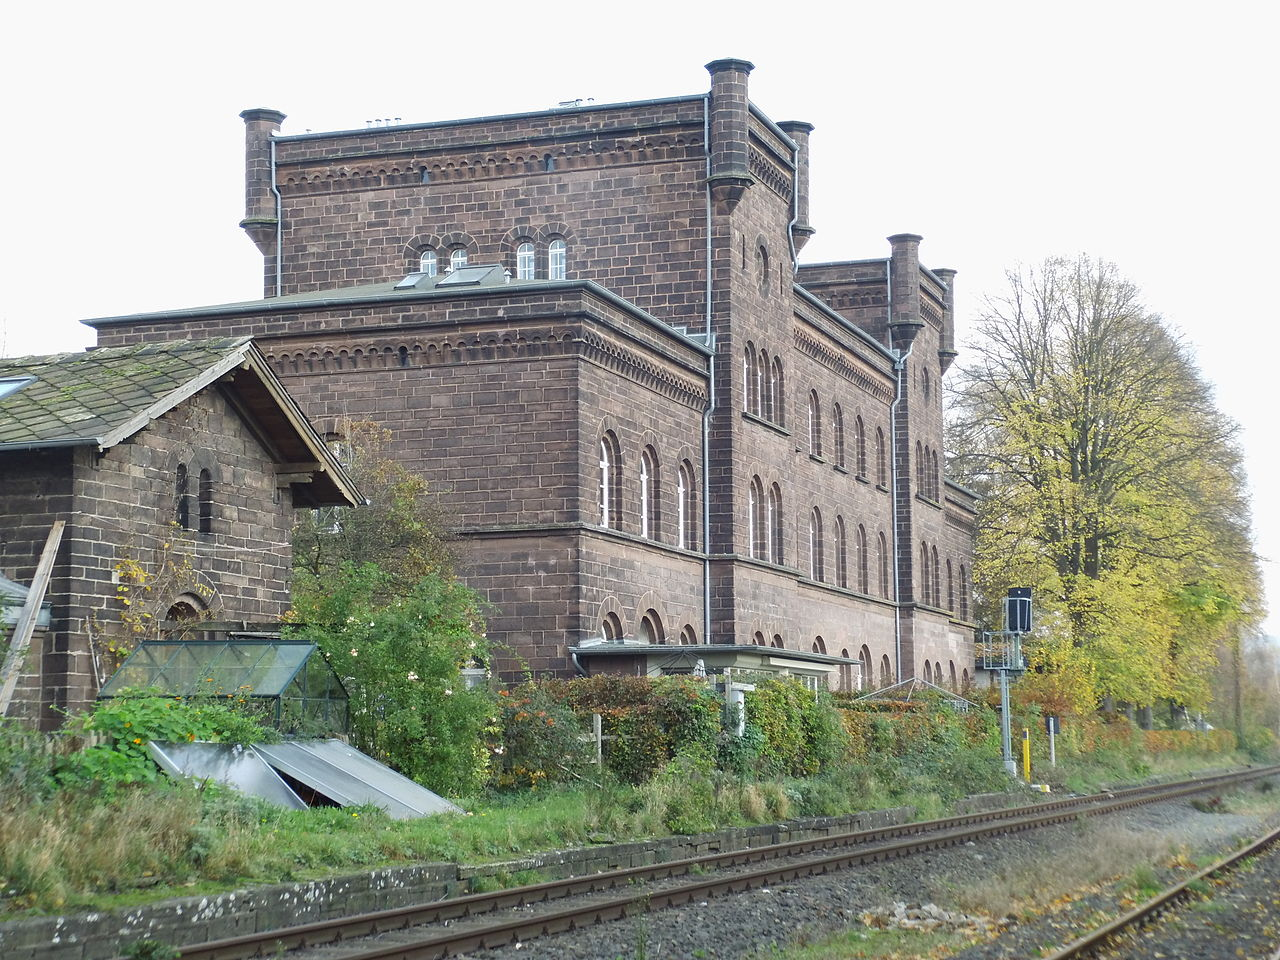 File:Höxter, Alter Bahnhof, Blick Weserseite.jpg